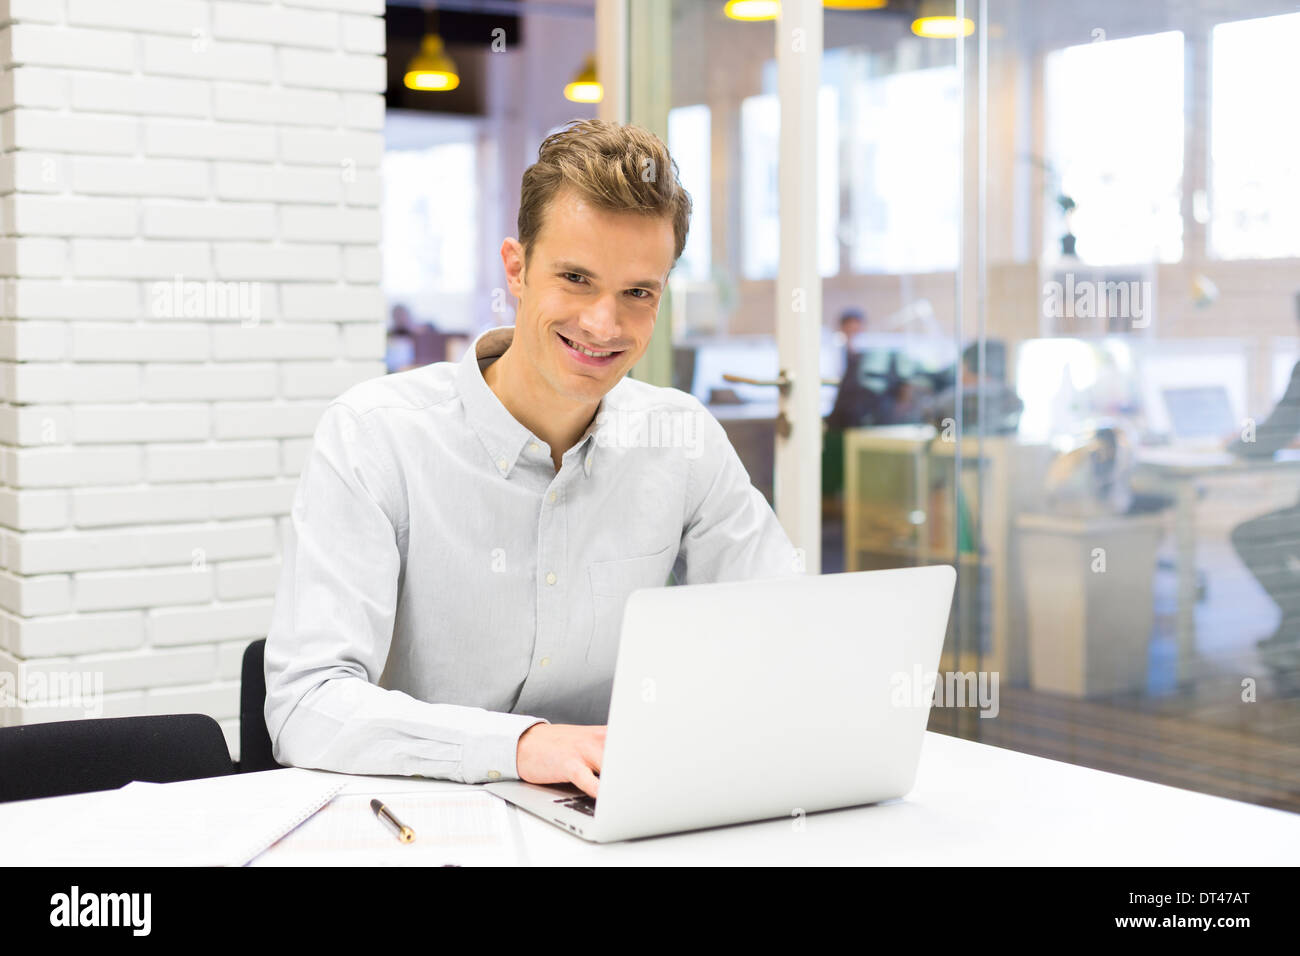 Hombres de negocios buscando cámara escritorio de ordenador Imagen De Stock